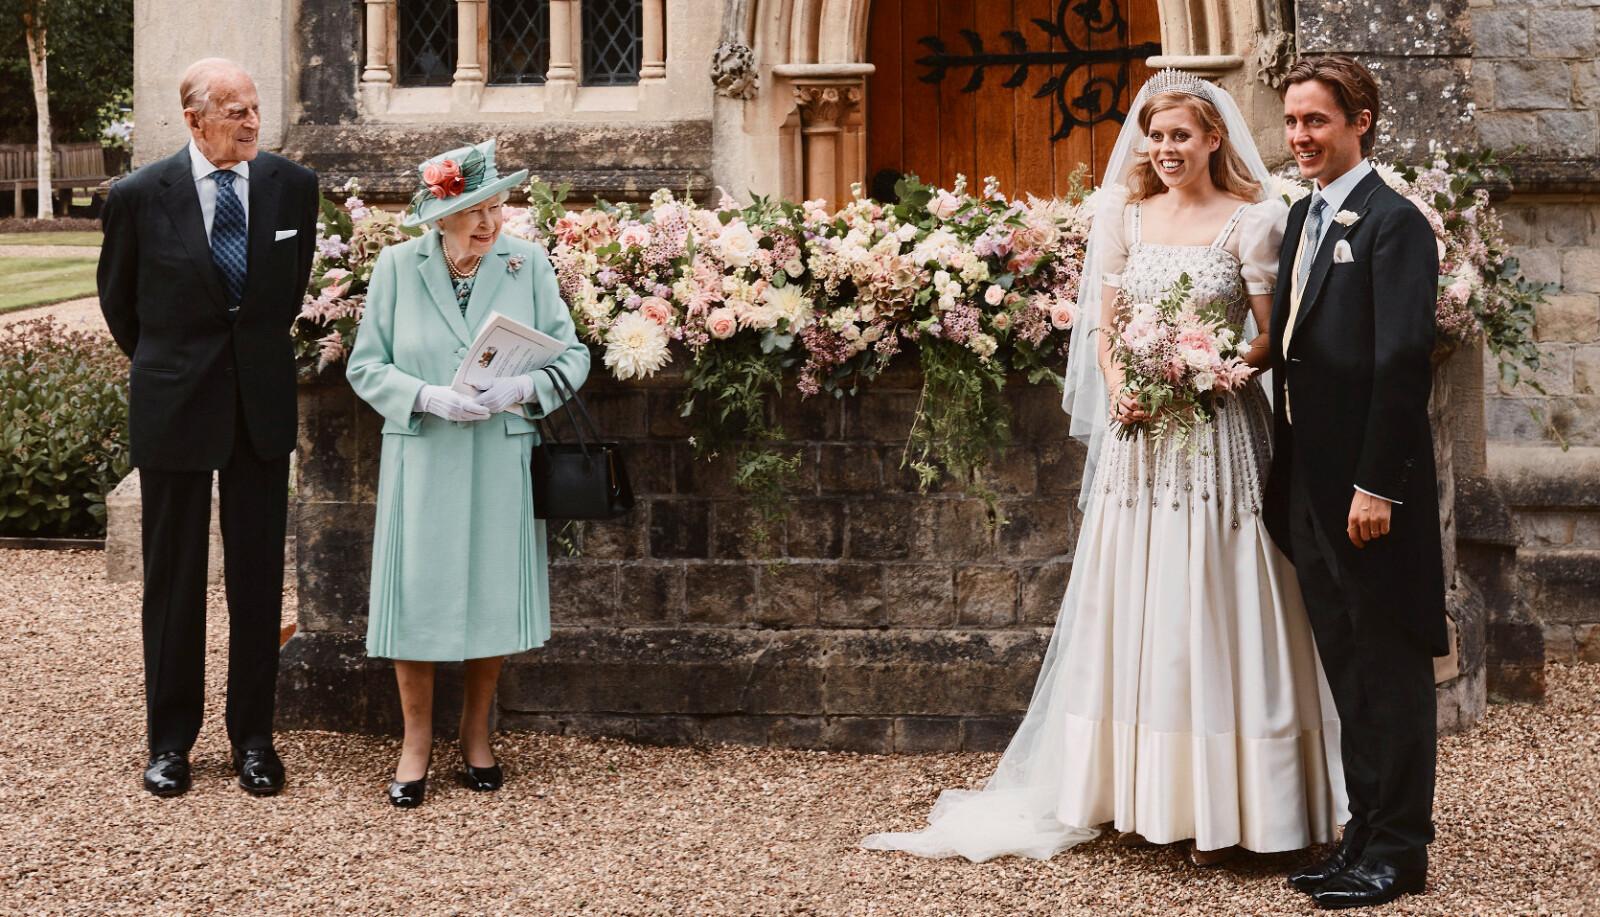 <strong>GODE MINNER:</strong> Det må ha vært svært spesielt for dronning Elizabeth å se barnebarnet gifte seg i kjolen hun selv har vært så glad i, så mange tiår etter at hun selv var ikledd den. Her utenfor kapellet hvor Beatrice og Edoardo giftet seg i juli 2020. FOTO: Benjamin Wheeler / NTB scanpix